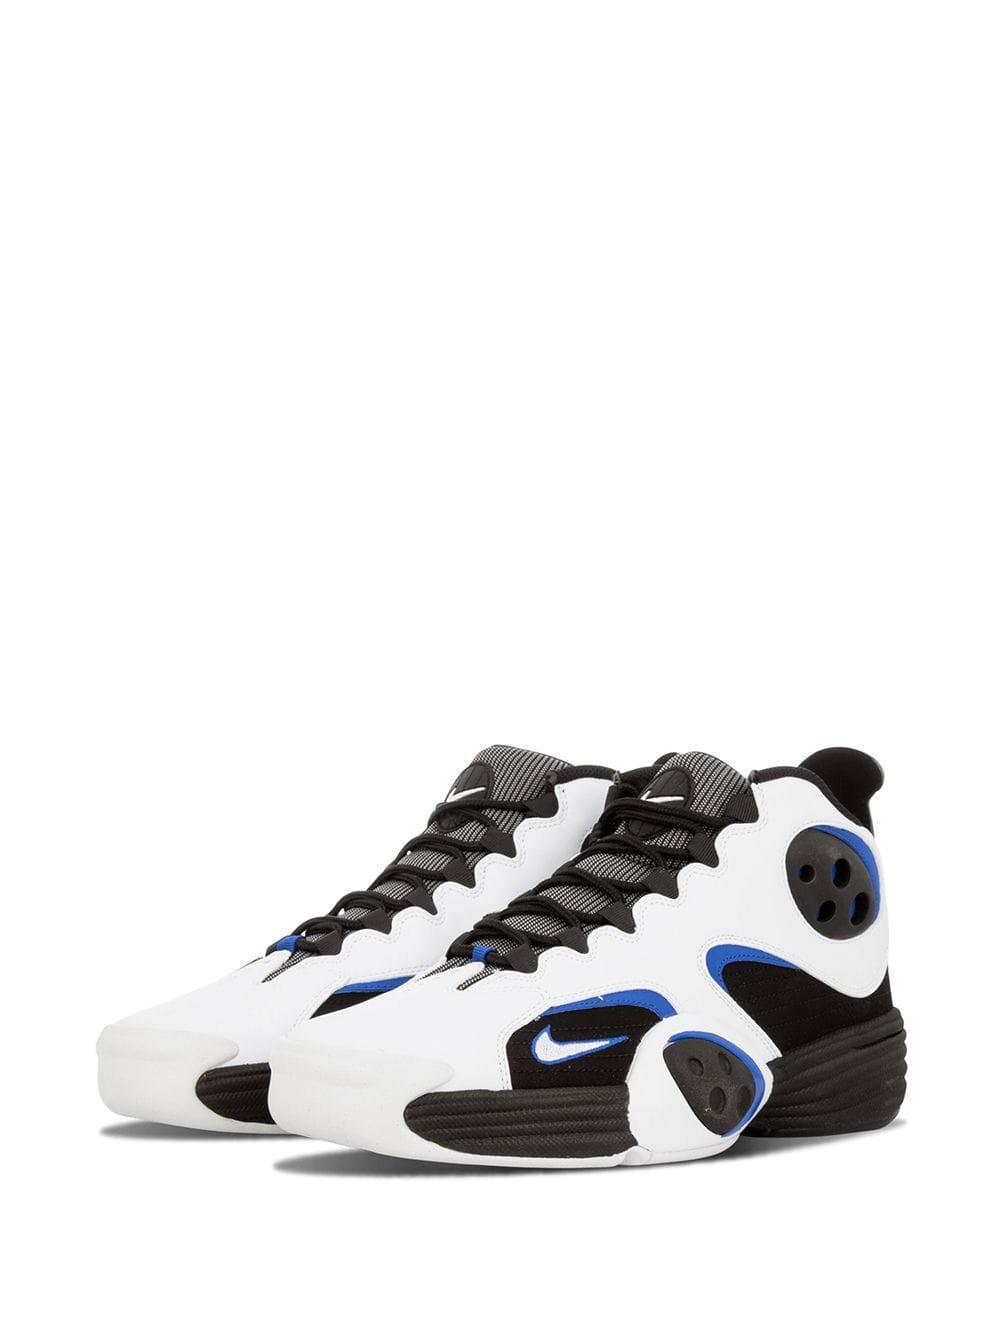 Nike Synthetisch Flight One Nrg Sneakers in het Wit voor heren